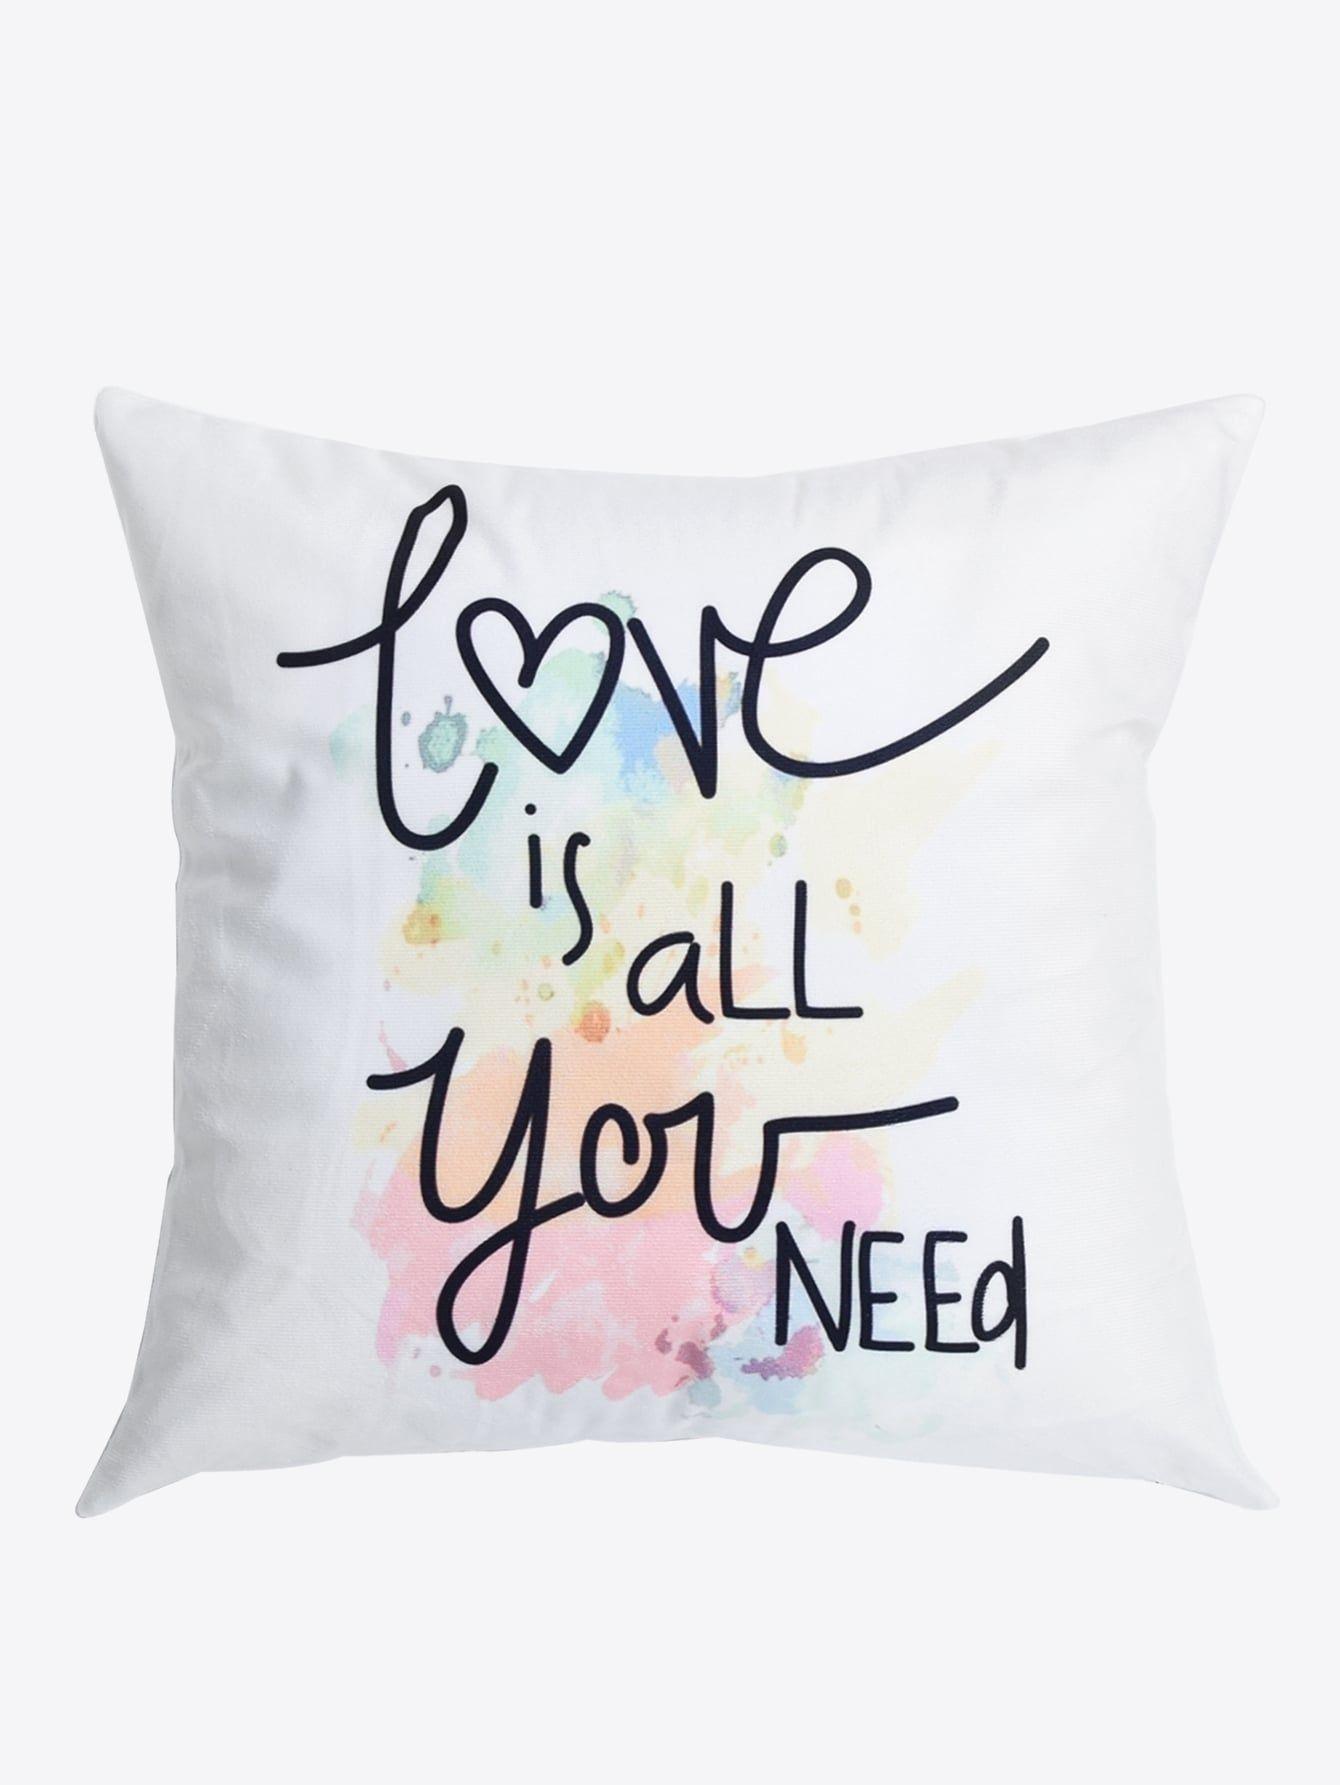 Slogan Print Cushion Cover Print Slogan Cover Bed Pillows 377e857214